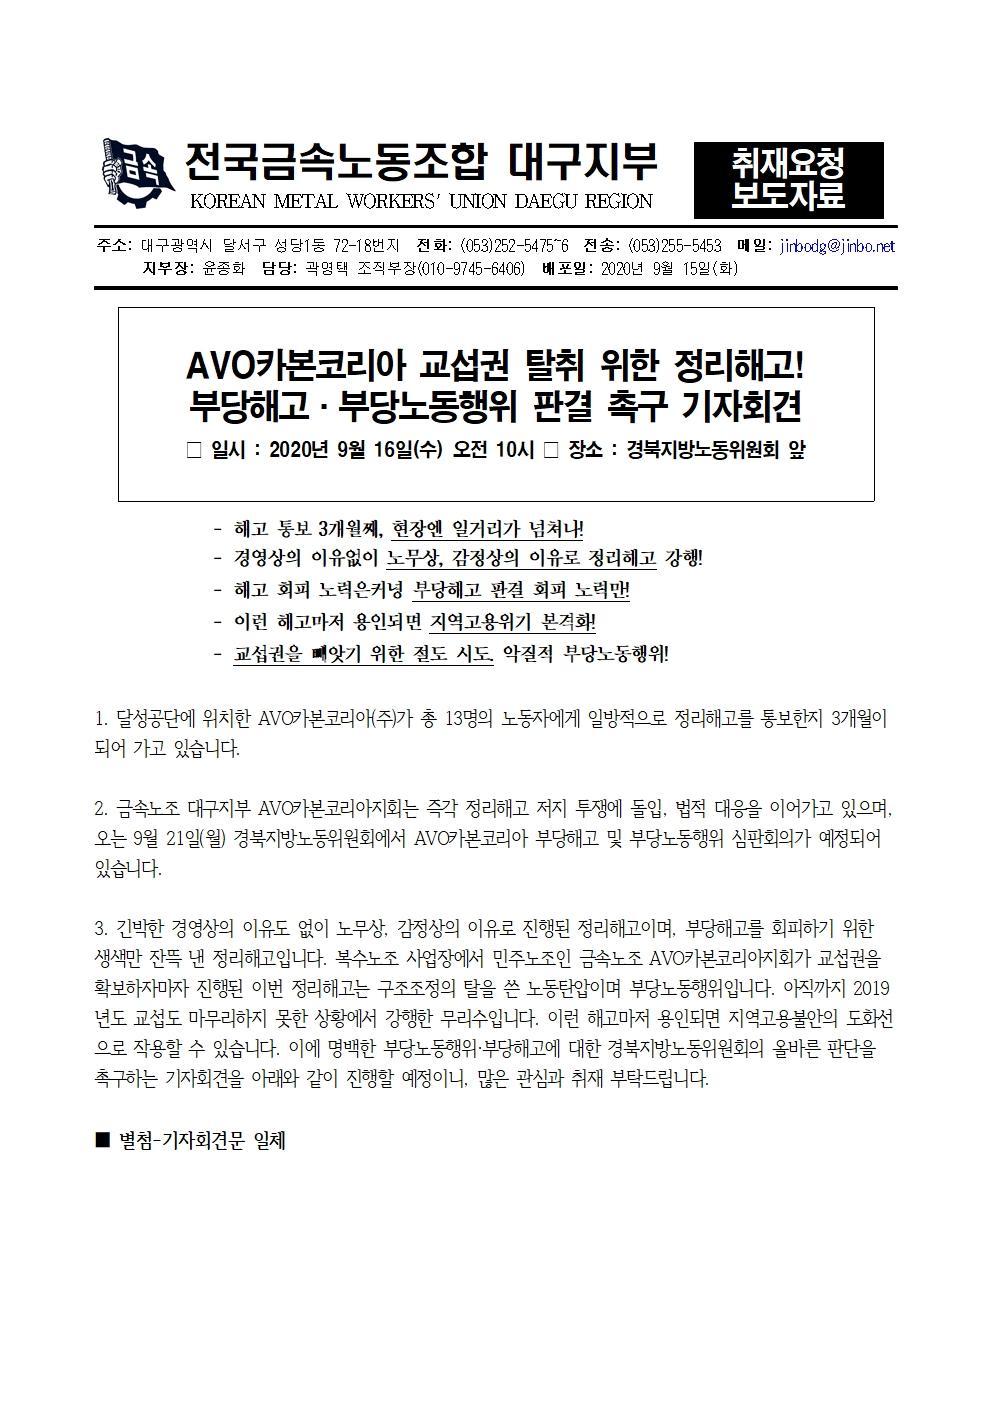 200915-AVO카본코리아부당해고판정촉구경북지노위기자회견16일001.jpg